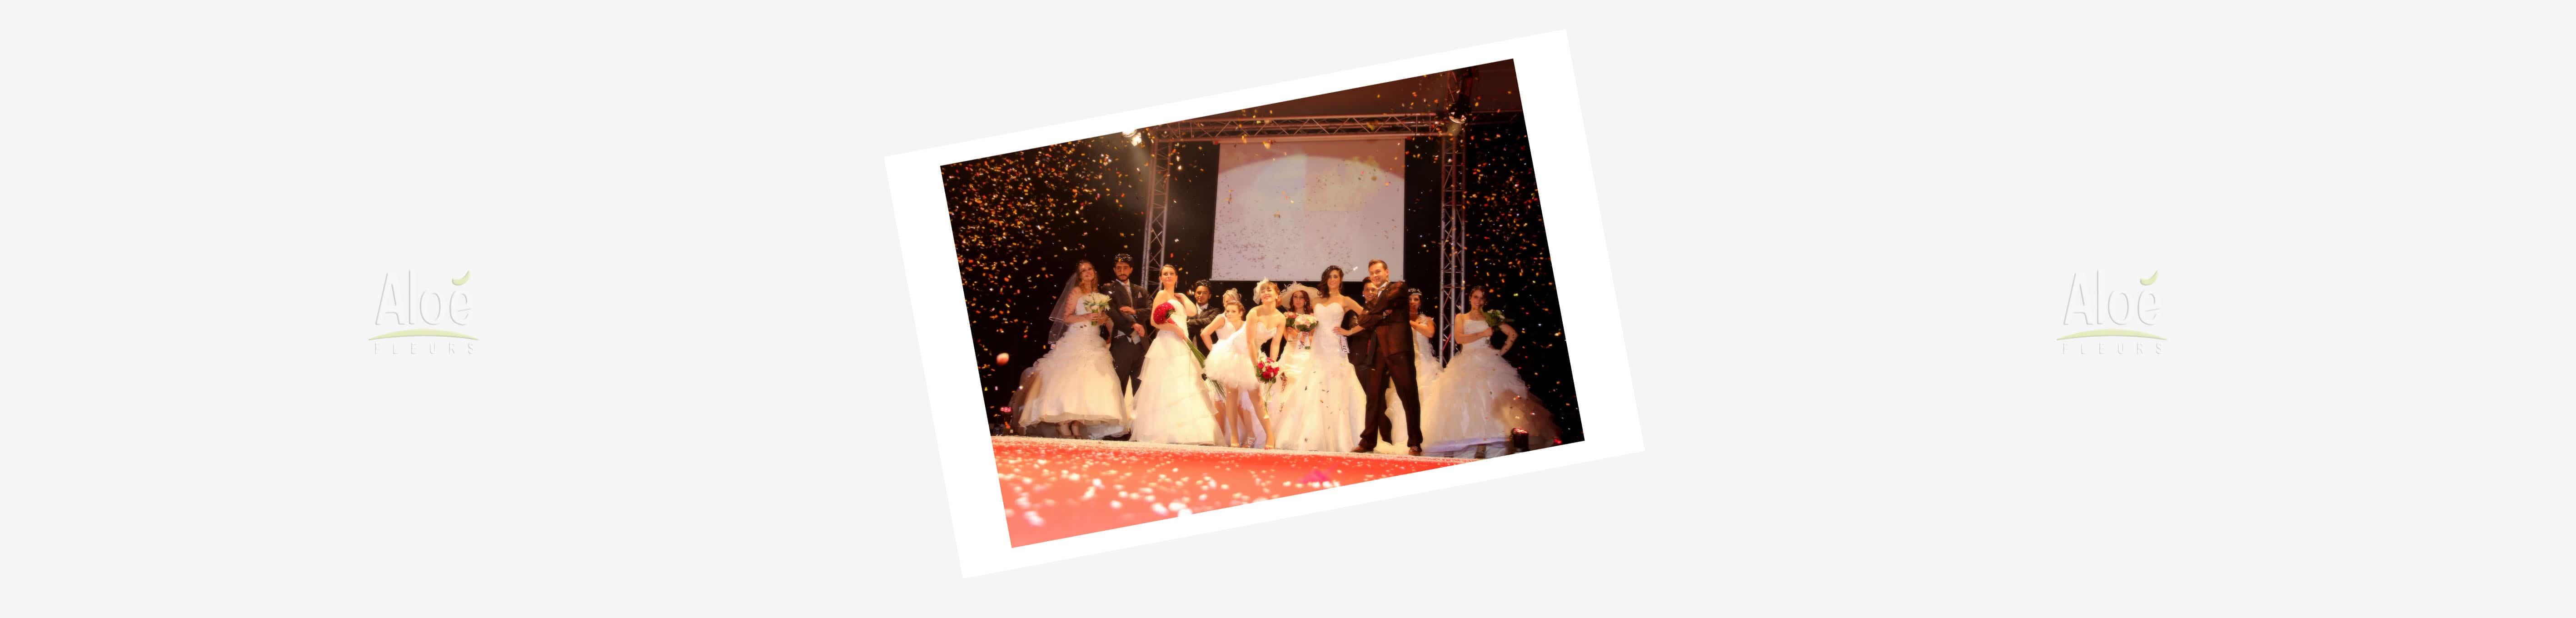 1er de couv Salon du mariage Alliance coeur 2015 by M Morel -1 copie